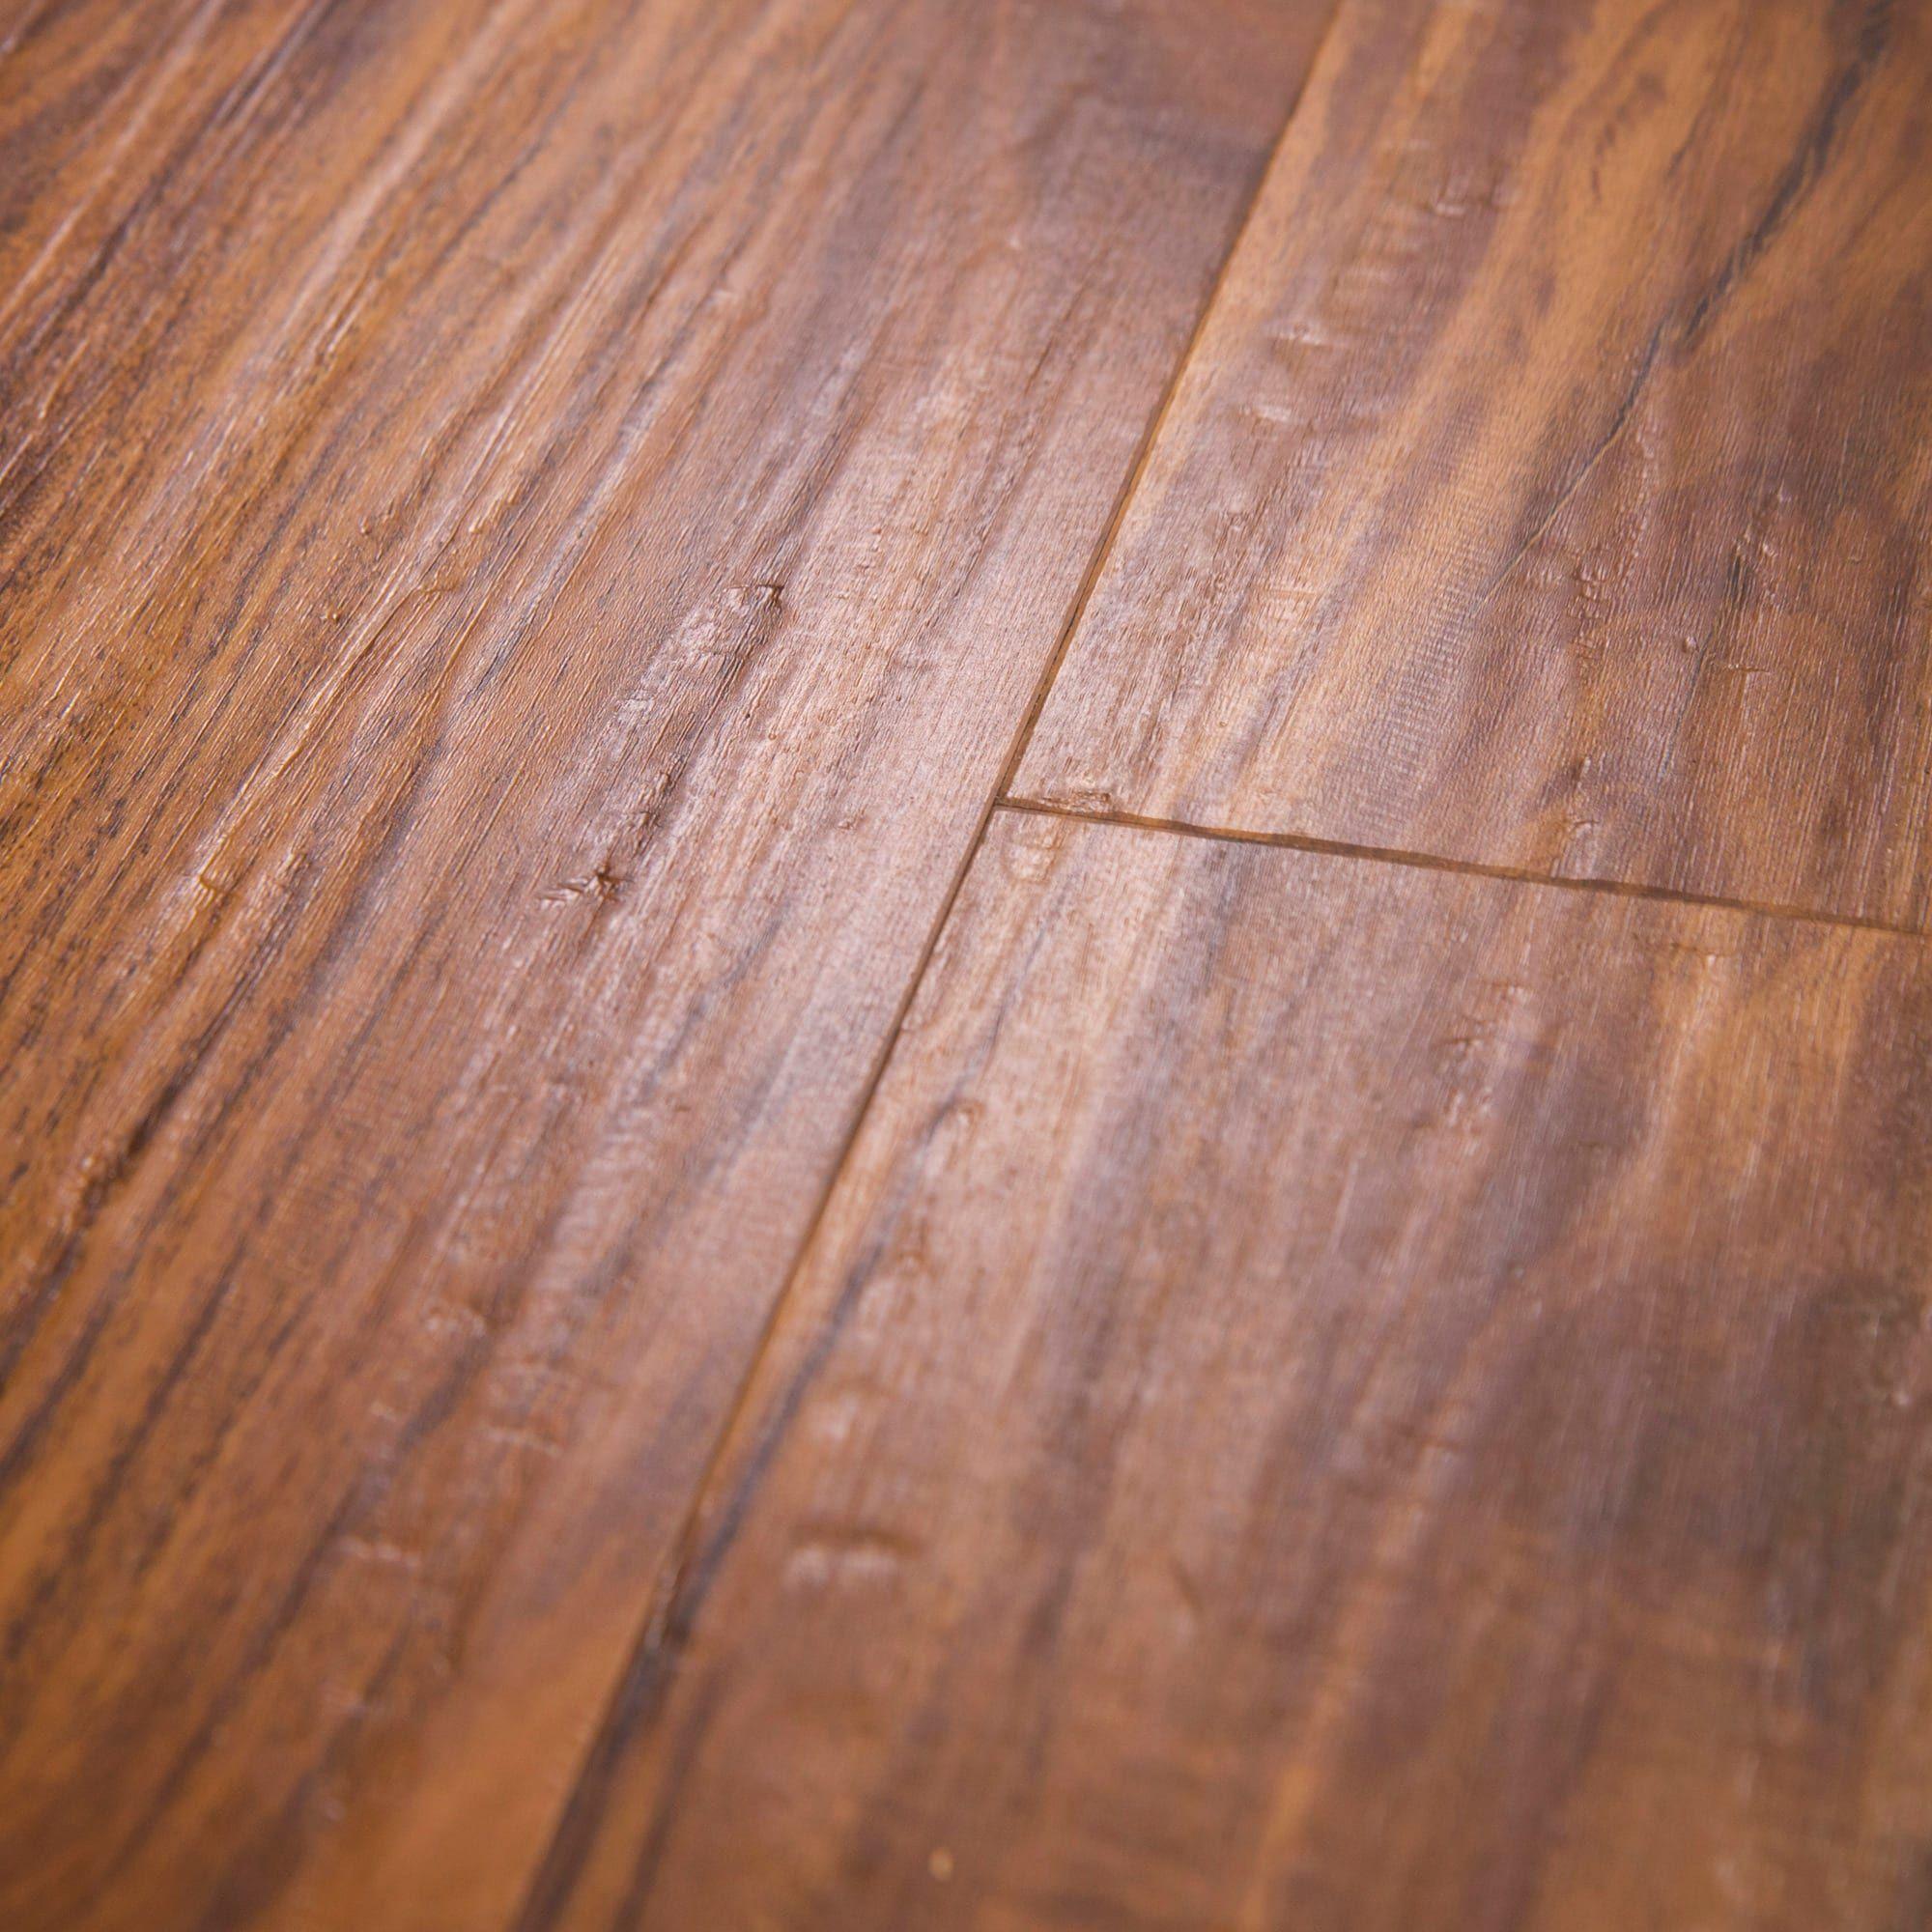 Cali Vinyl Pro Pet-Proof Flooring, Classic Acacia (3.3-sq ft/box